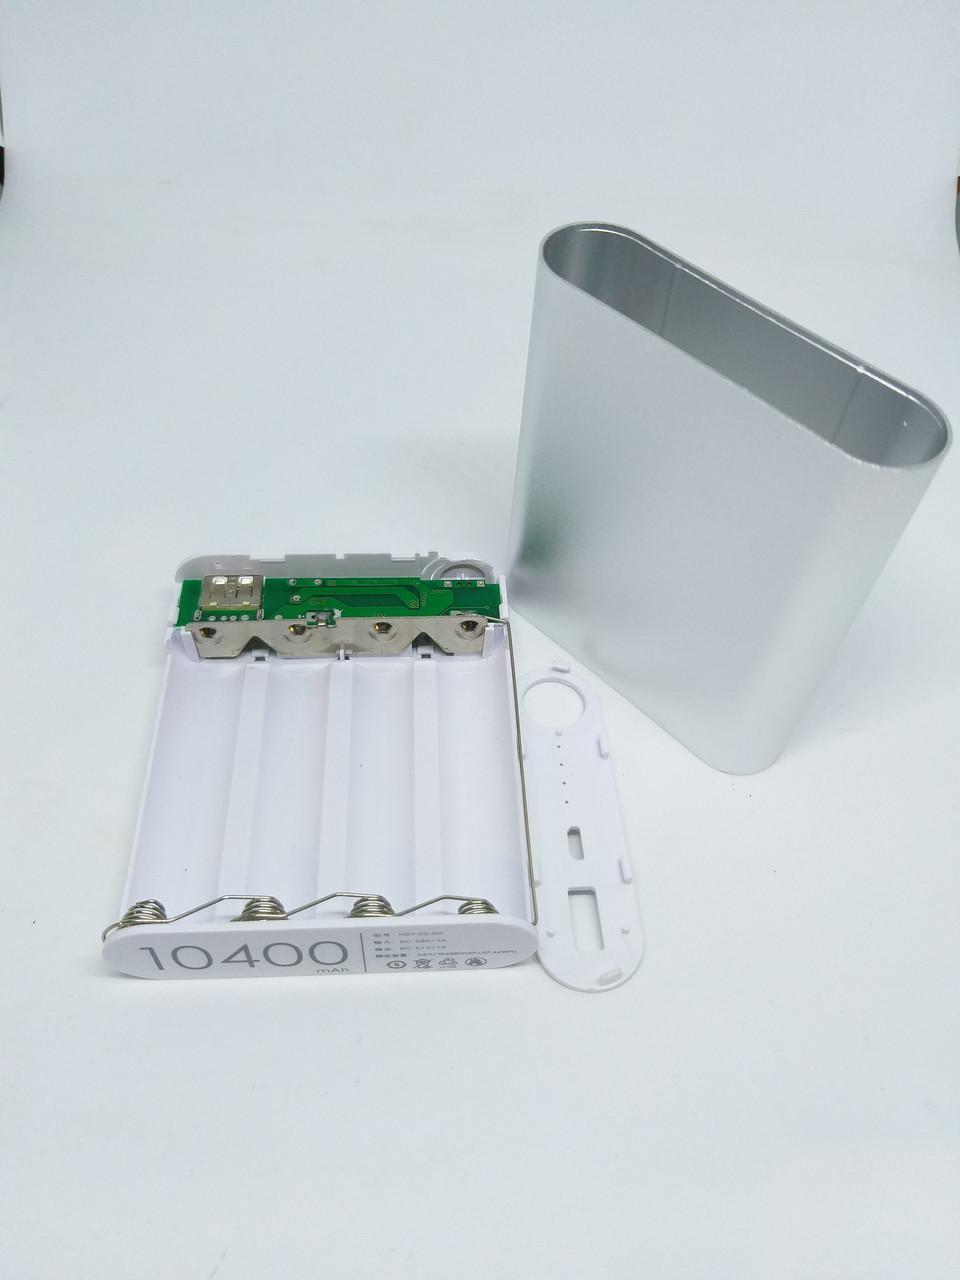 Корпус power bank. 5 В 1.0A бокс на 4X18650 светодиодный индикатор Внешнее Зарядное Устройство серебрянный